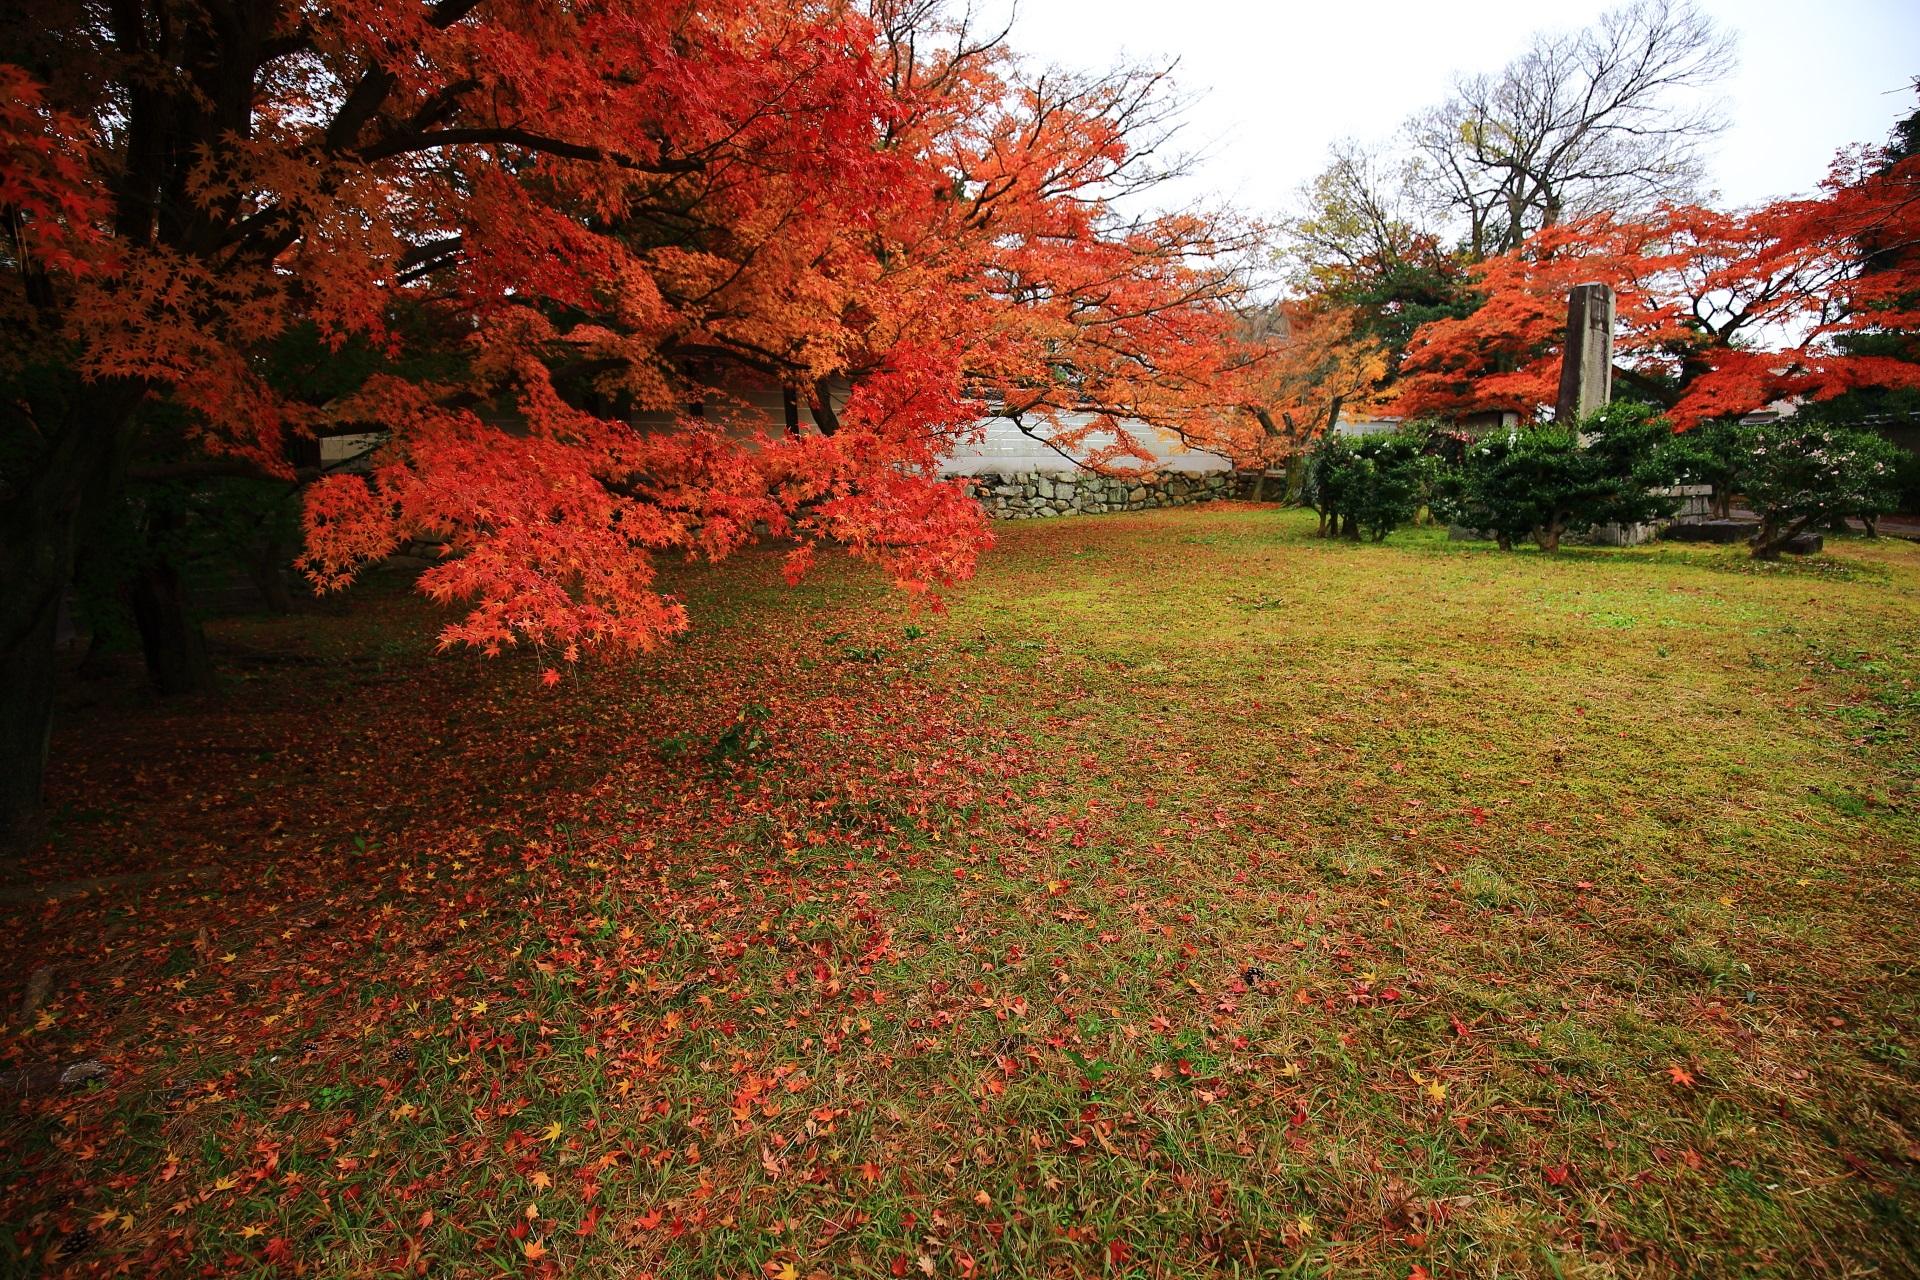 養源院の勅使門前の雄大な紅葉と散り紅葉